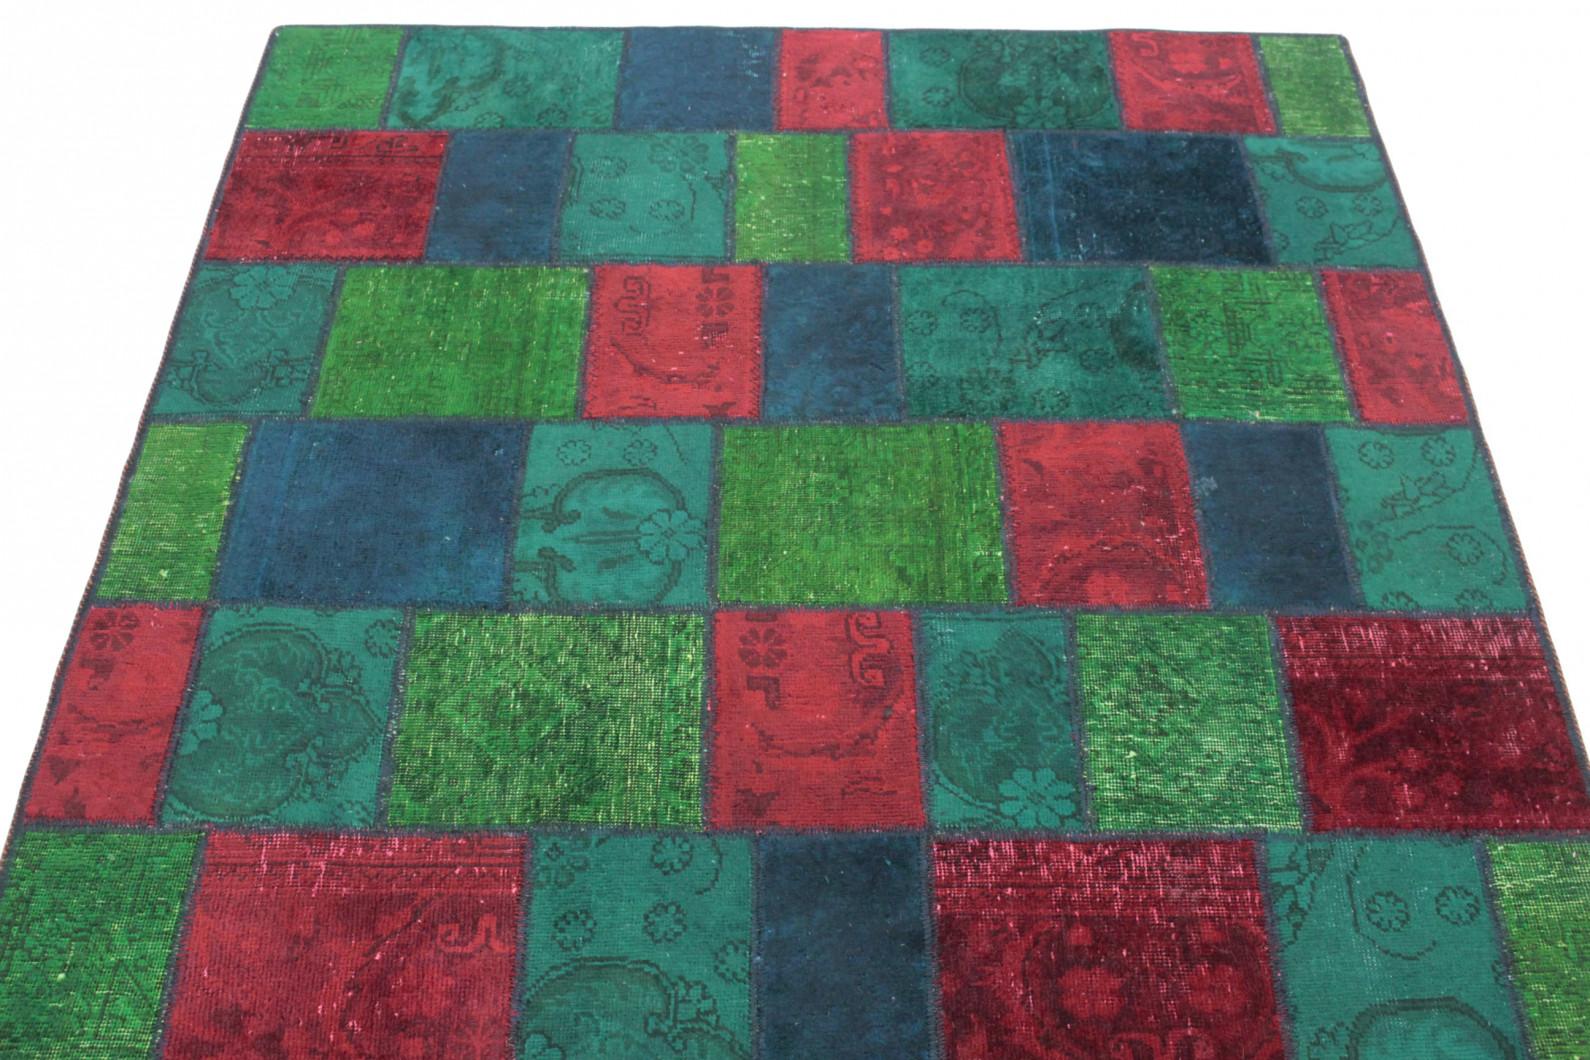 Patchwork Teppich Rot Grun Turkis In 210x150 1001 167132 Bei